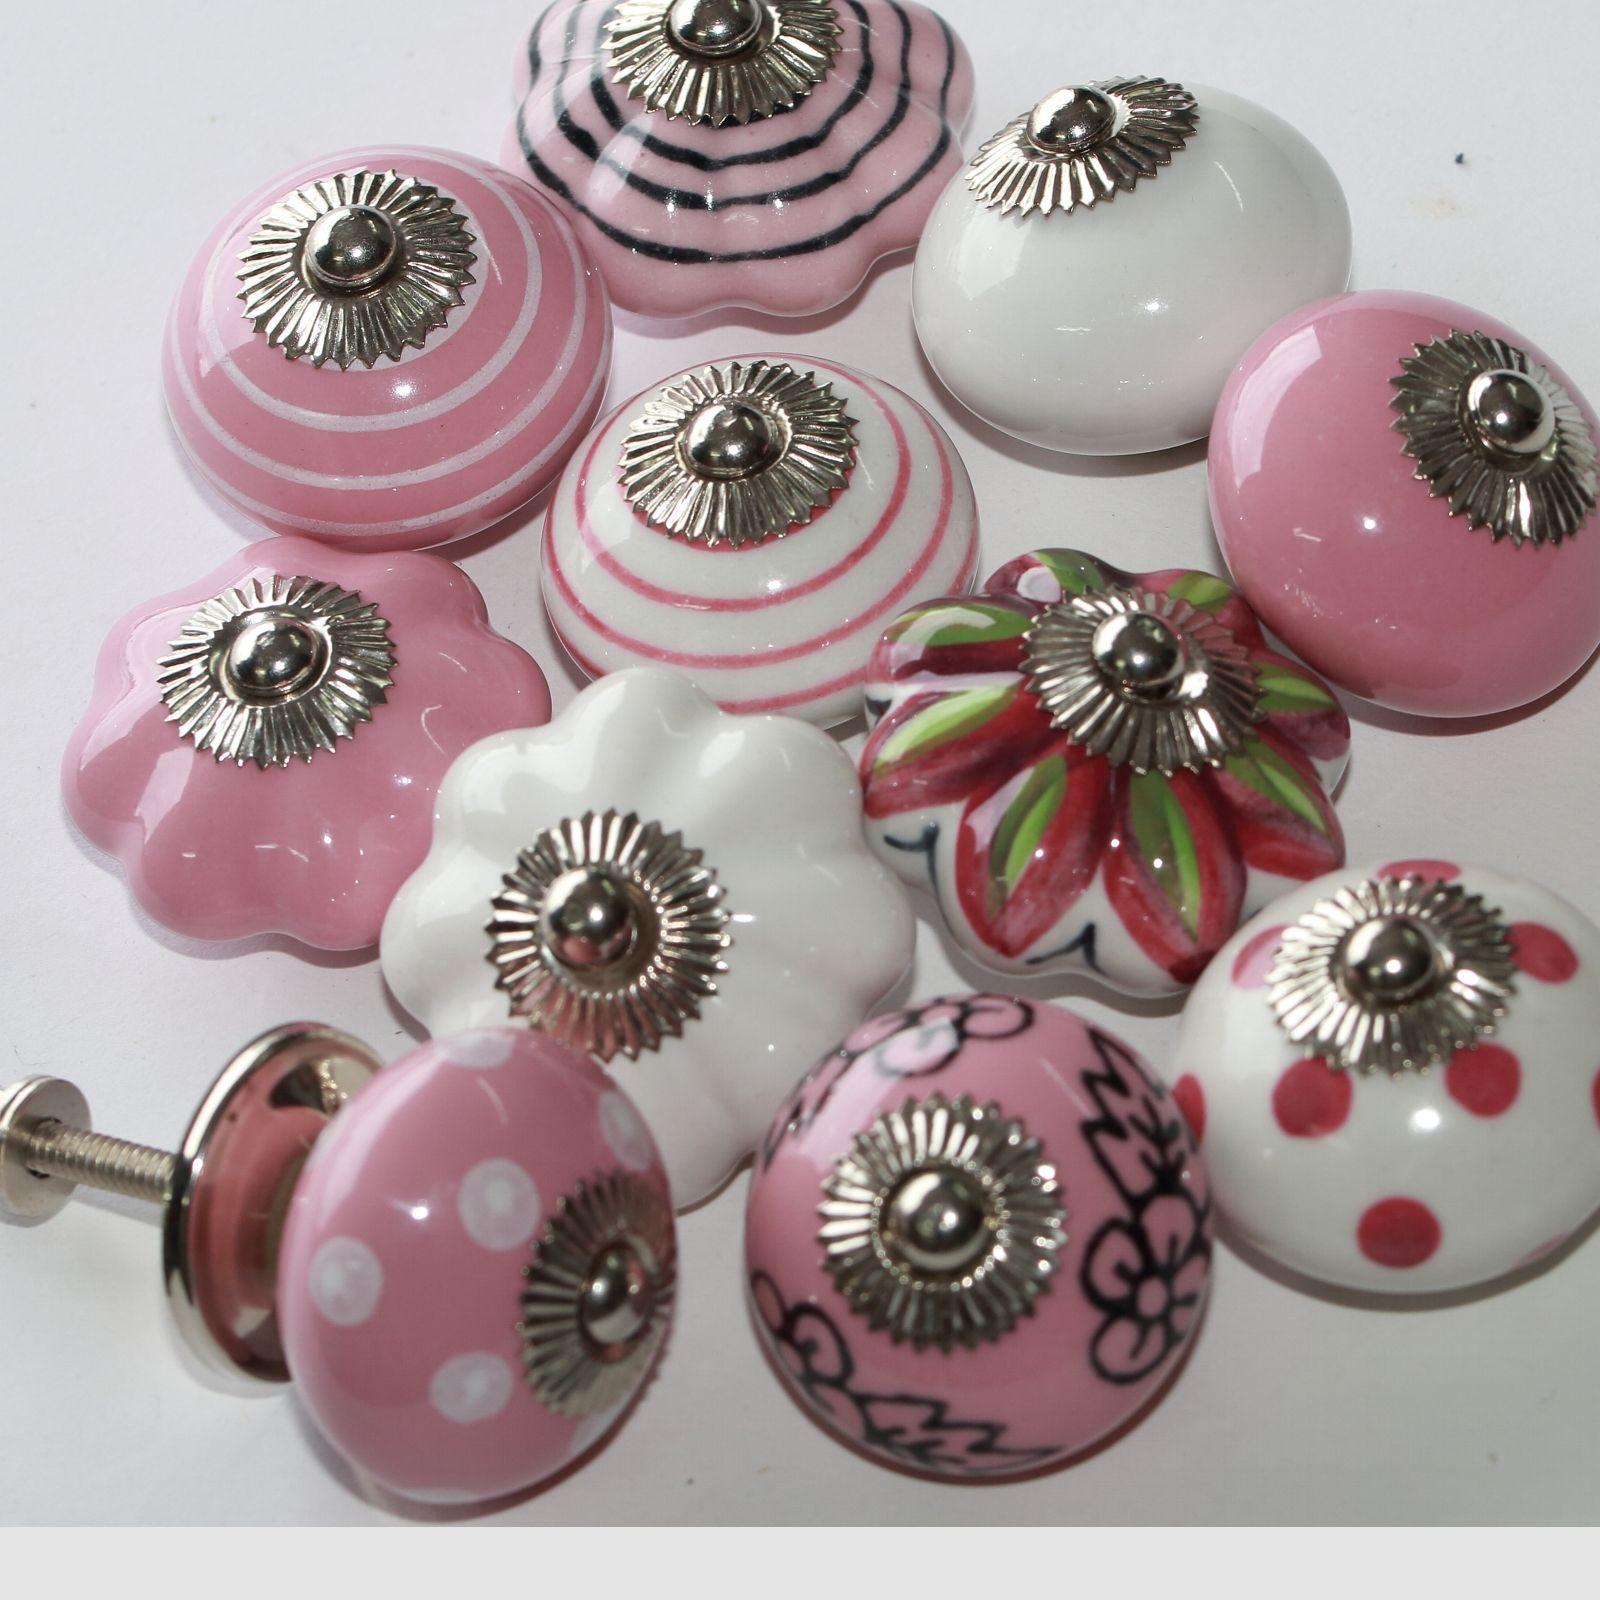 Möbelknopf,Keramik-Möbelgriff,Knauf,Möbelknöpfe  Möbelknäufe Indien Rosa